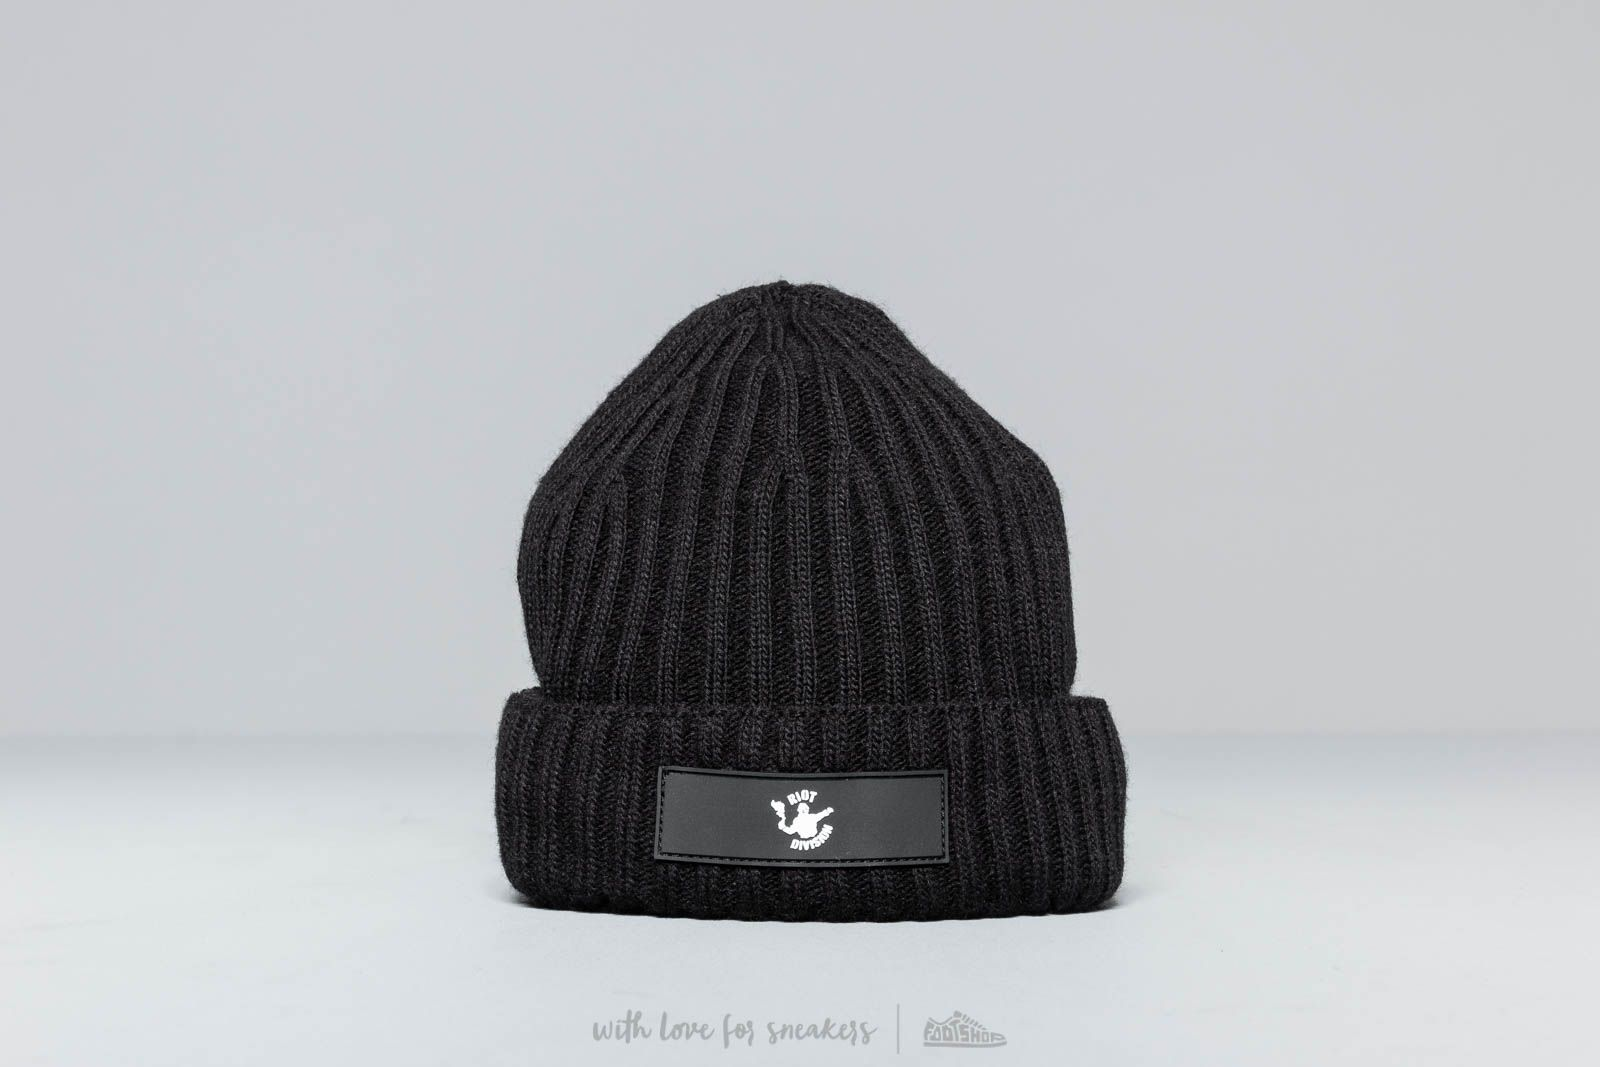 Riot Division Stealth Hat Black za skvelú cenu 59 € kúpite na Footshop.sk